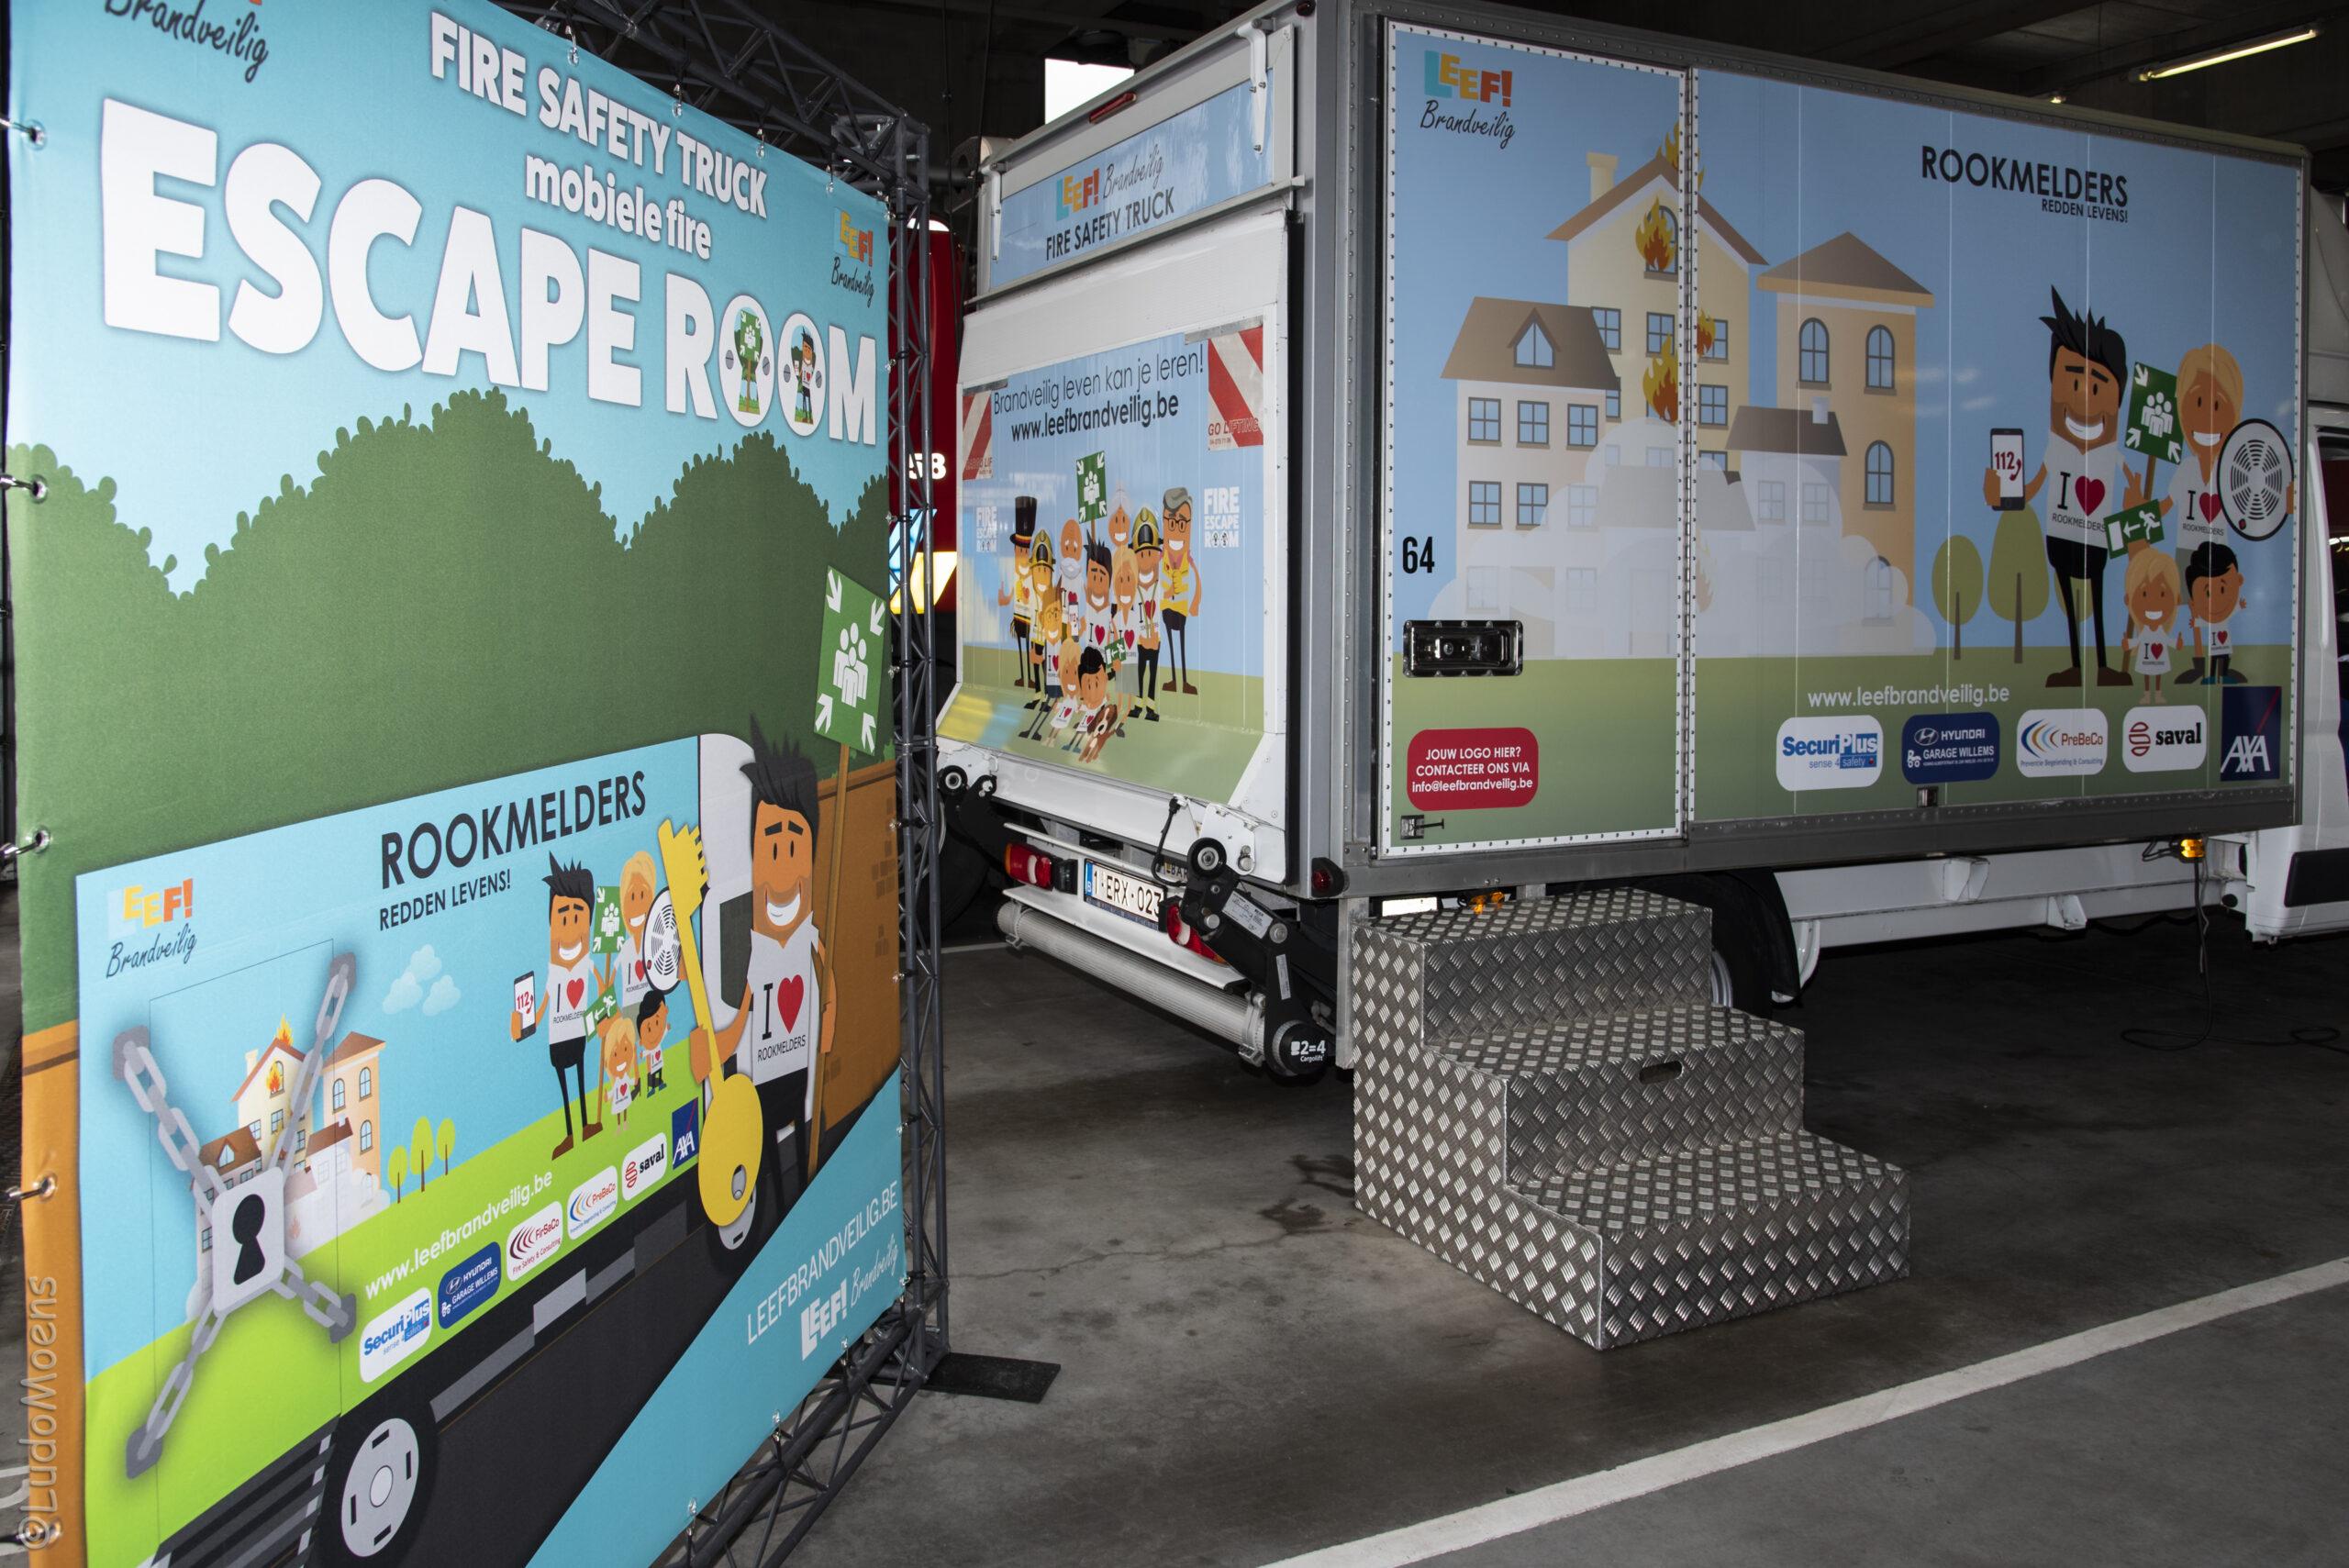 Word partner van de 'Fire Safety Truck'!